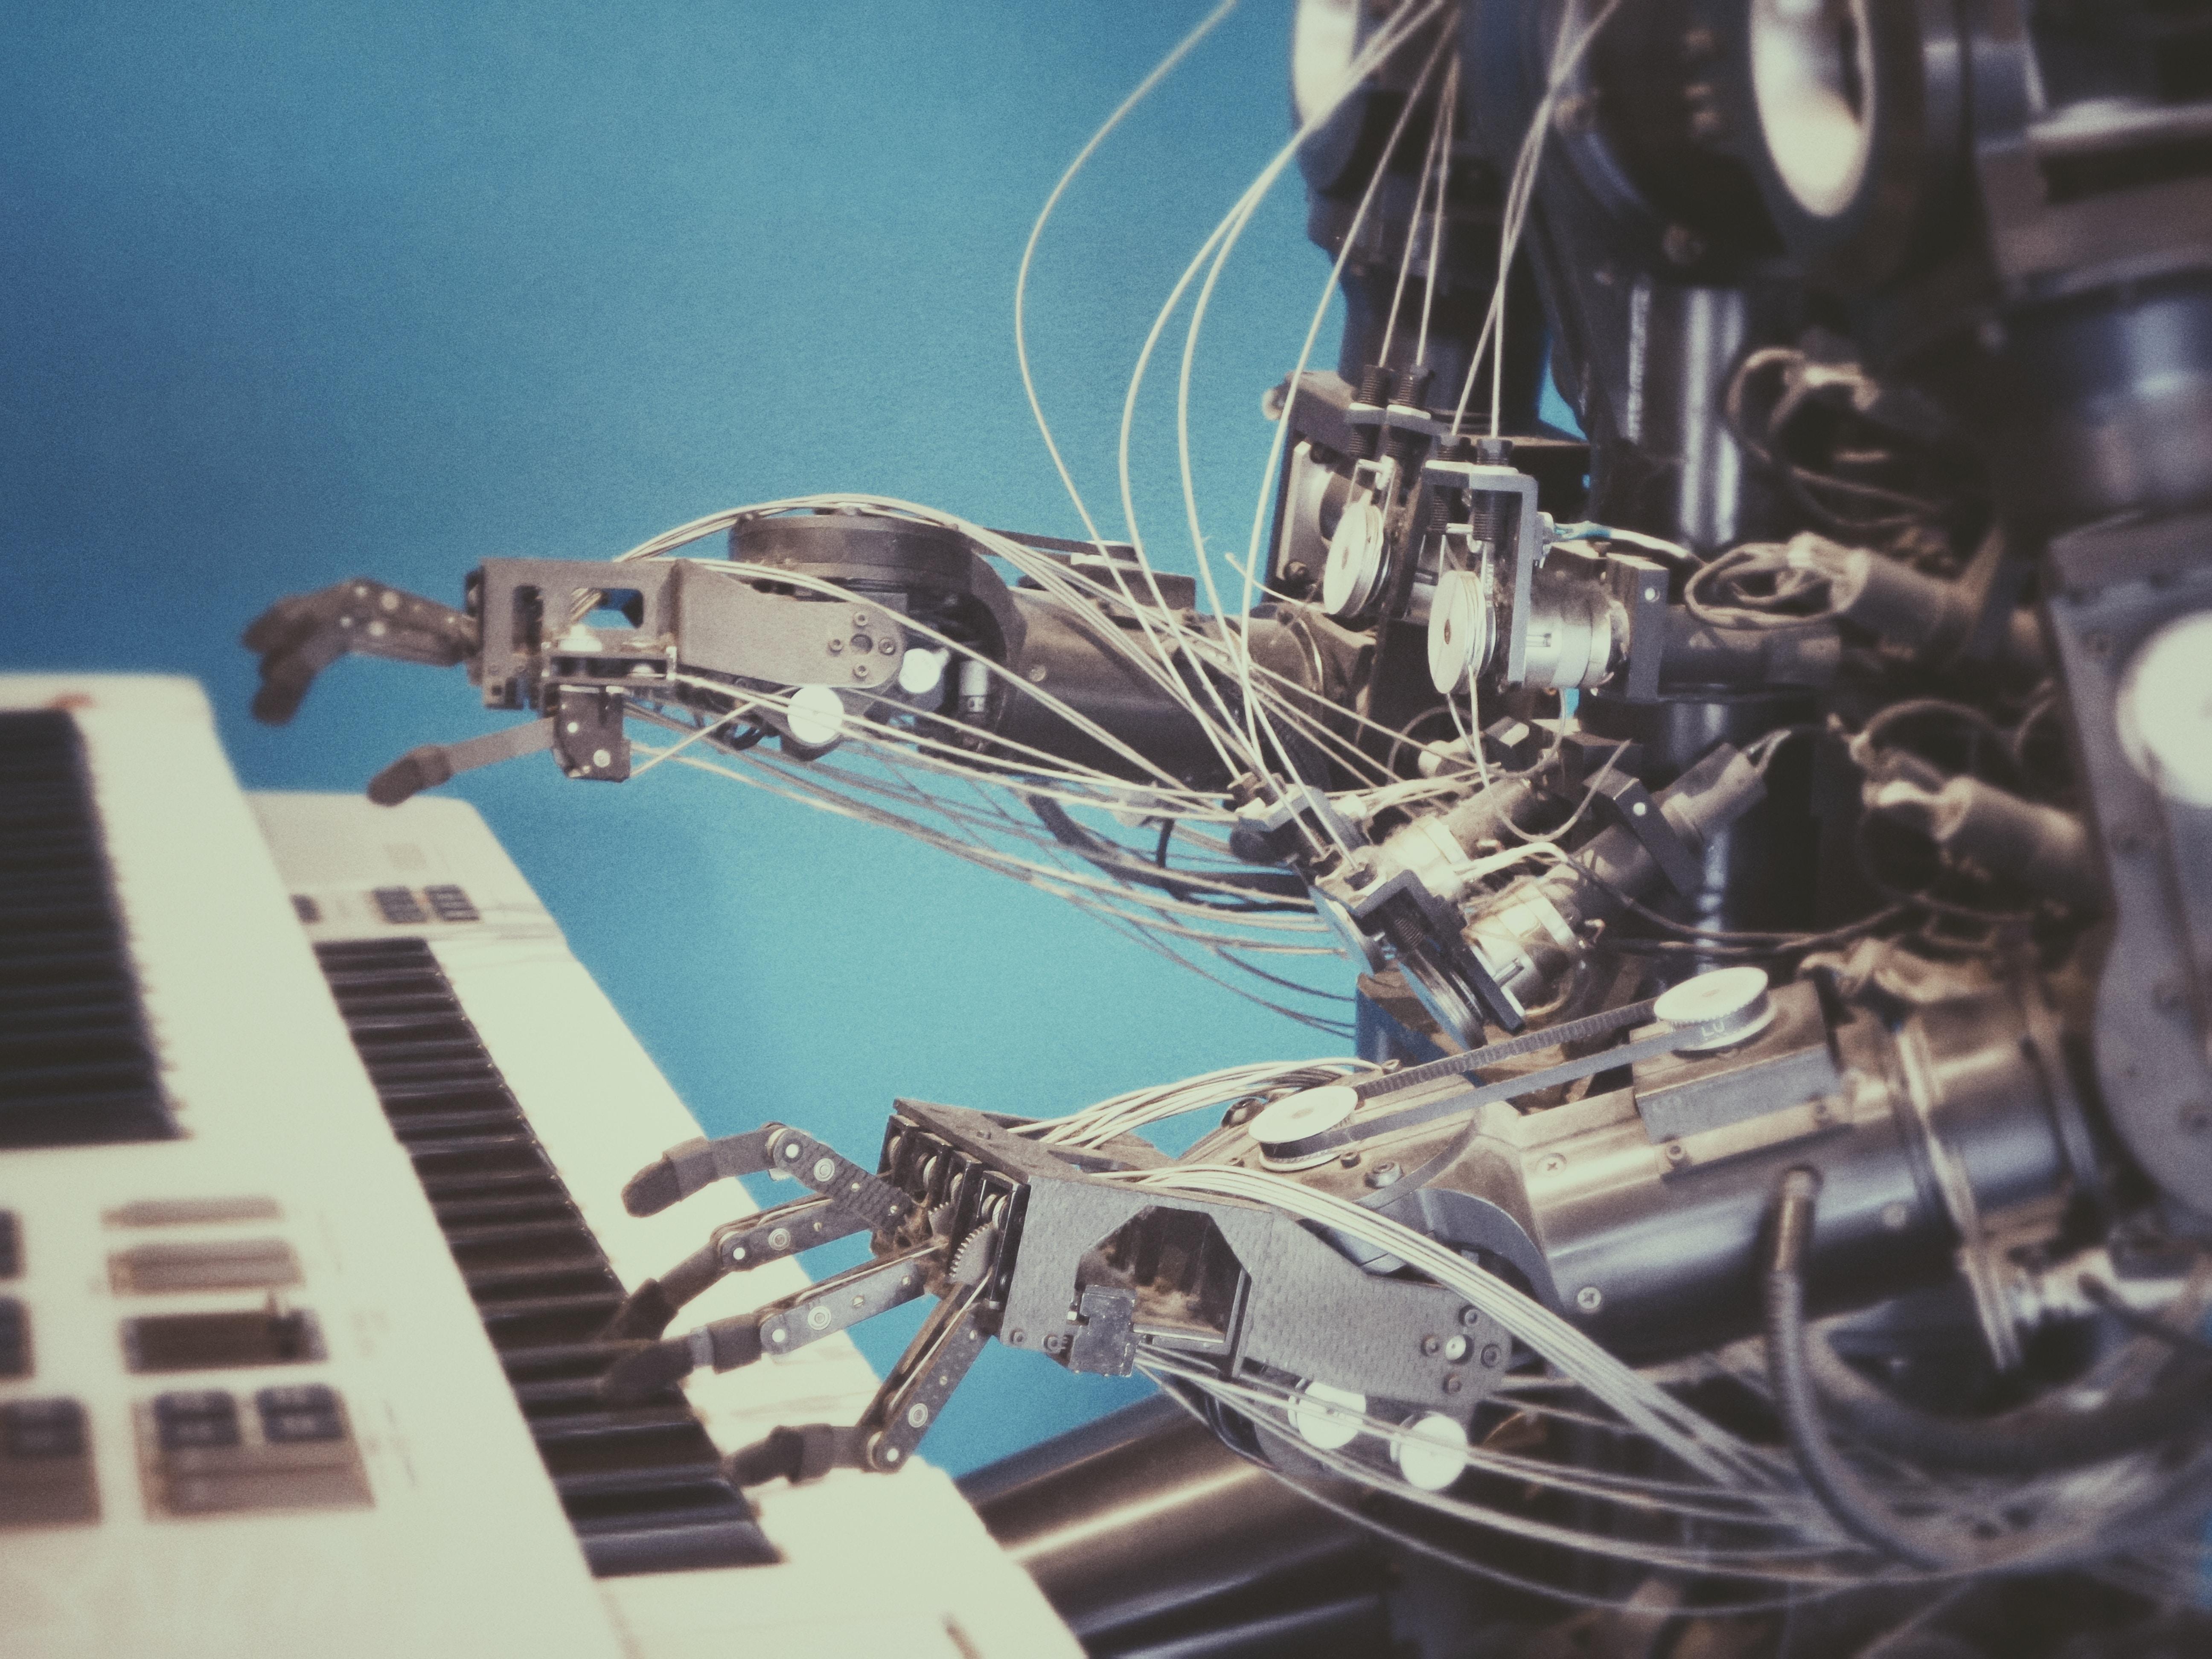 Illustration du machine par un robot qui apprend à jouer du piano, sous-entendu, plus il joue, plus il peut se corriger.